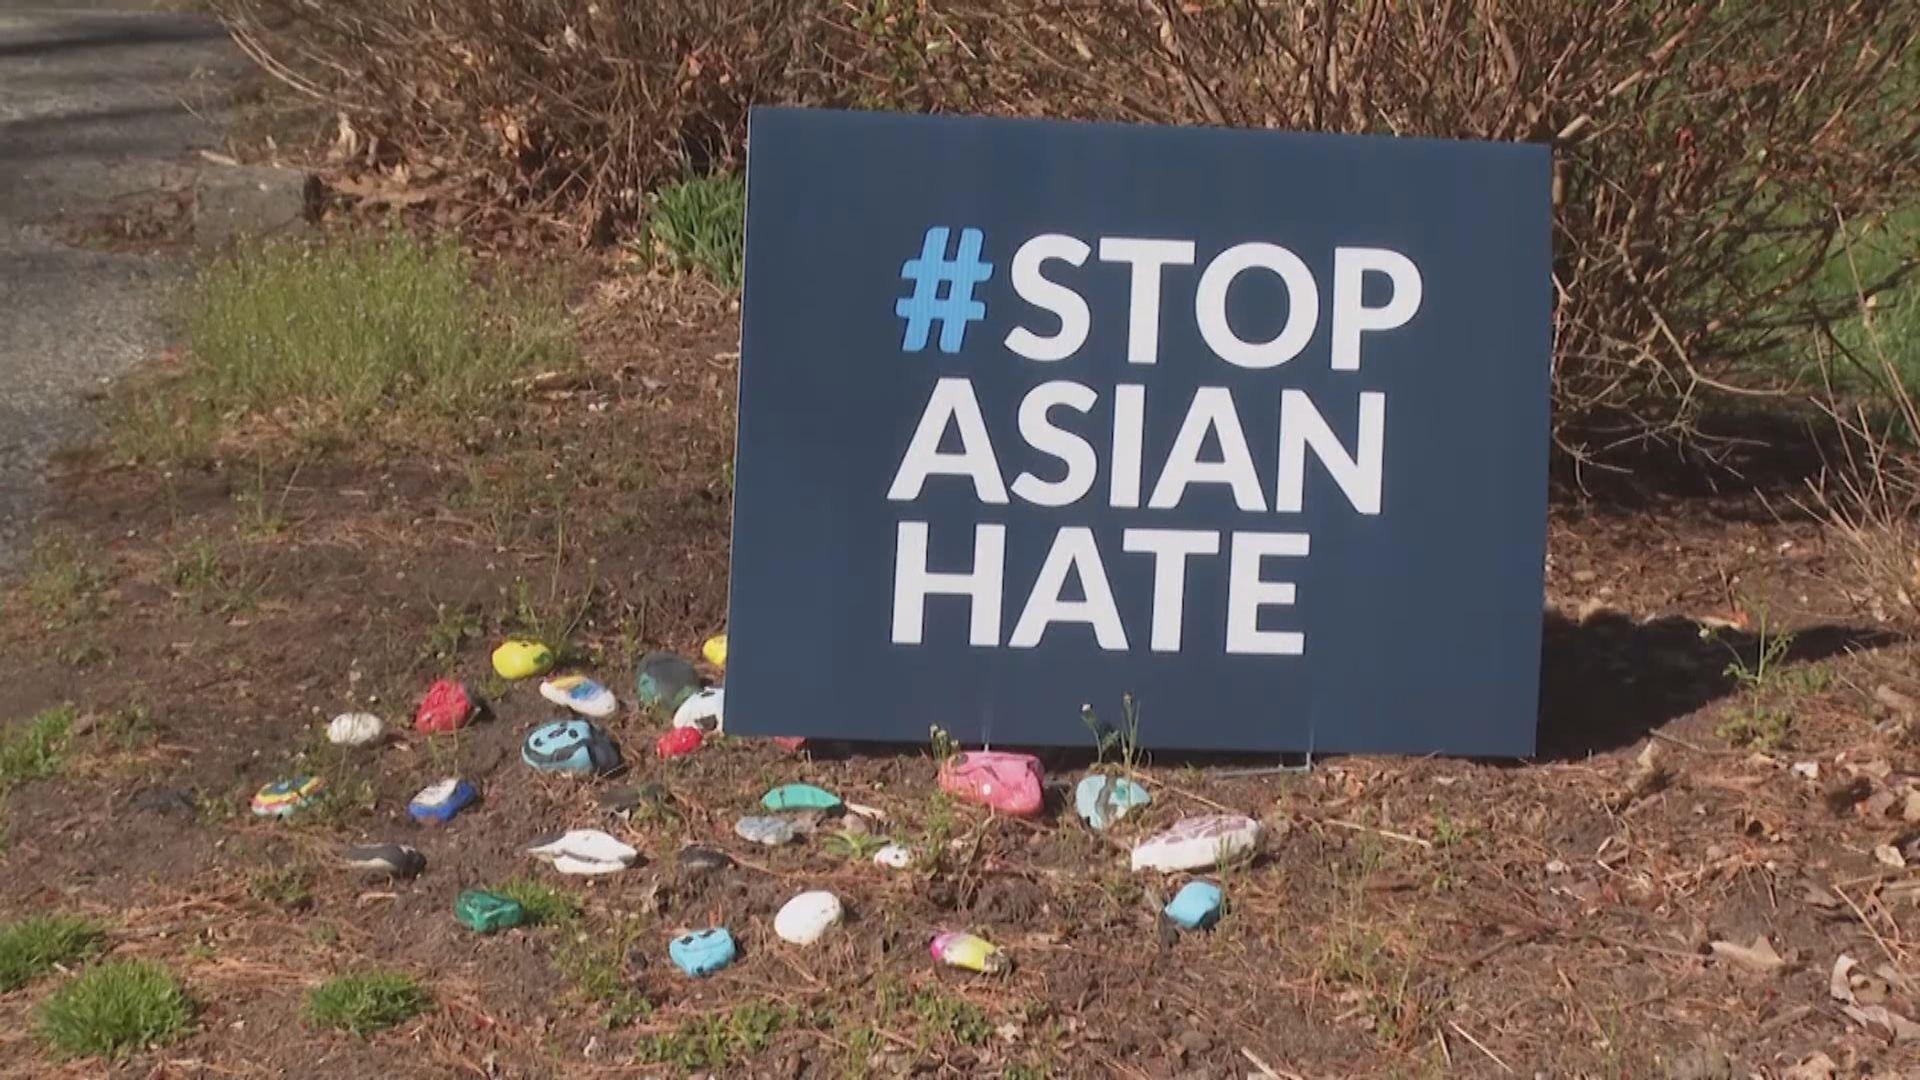 美參院通過打擊仇恨亞裔人士罪行法案 下月交眾院審議